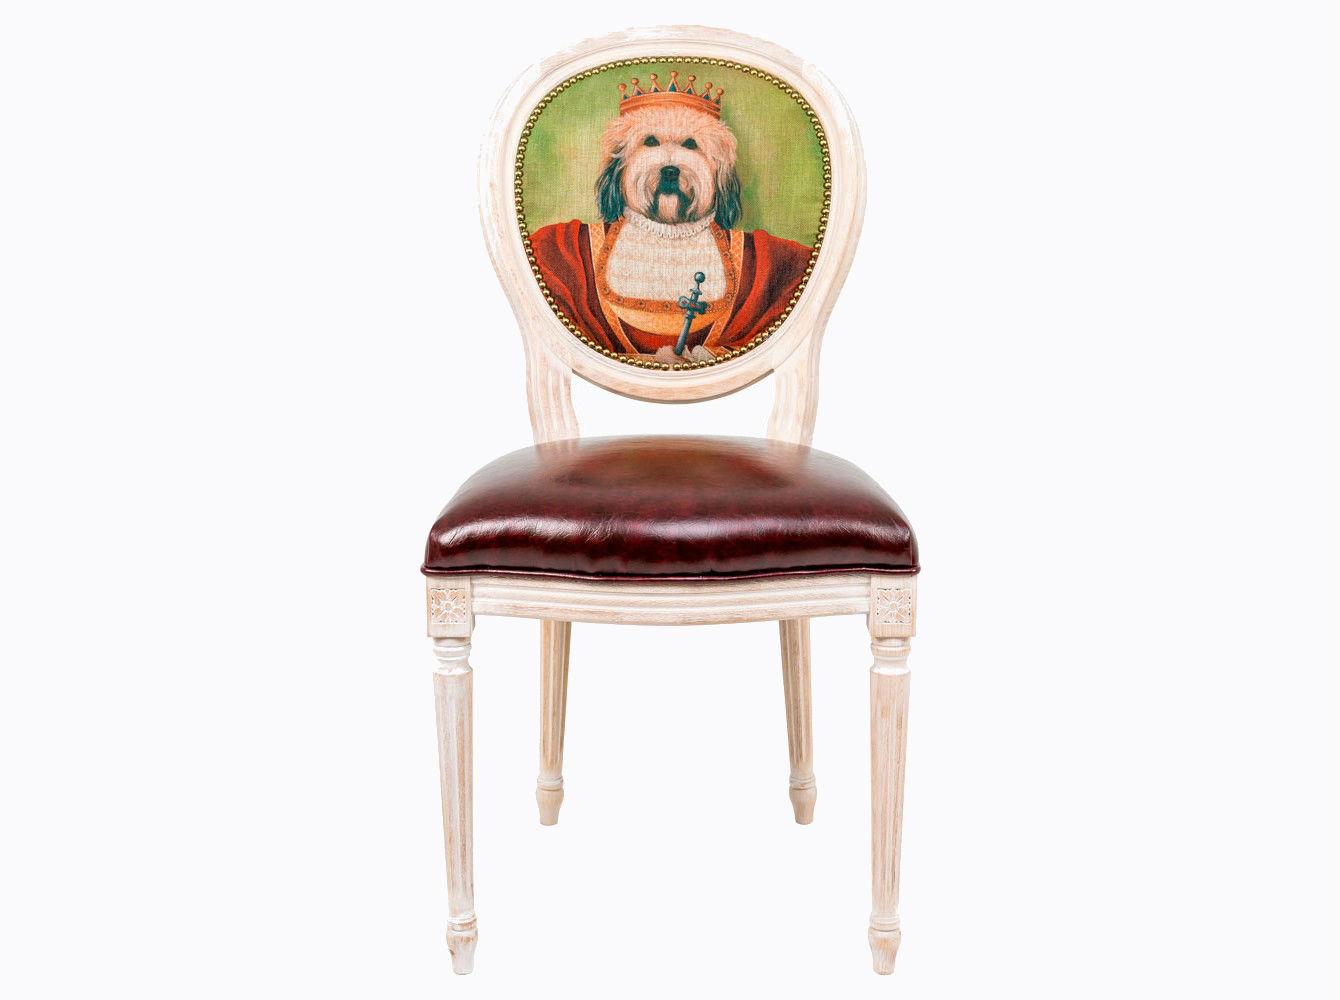 Стул «Музейный экспонат», версия 21Обеденные стулья<br>Стул &amp;quot;Музейный экспонат&amp;quot; - универсальное, но отборное решение гостиной и столовой, каминного зала, холла и кабинета, спальни и детской комнаты. Дизайн стула создан эффектом экстравагантных контрастных сочетаний. Блестящее шоколадное сиденье объединилось с шелковистой льняной спинкой, а королевский силуэт эпохи Луи-Филиппа - с рисунком в жанре современного анимализма. Дизайны, символизирующие животный мир и сказки, поддерживают наш эмоциональный баланс. Корпус стула изготовлен из натурального бука. Среди европейских пород бук считается самым прочным и долговечным материалом.  По эксклюзивному дизайну &amp;quot;Объекта мечты&amp;quot; корпусы стульев серии &amp;quot;Музейный экспонат&amp;quot; выточены, брашированы и патинированы в Италии. Комфортабельность, прочность и долговечность сиденья обеспечены подвеской из эластичных ремней. Обивка спинки оснащена тефлоновым покрытием против пятен.&amp;amp;nbsp;&amp;lt;div&amp;gt;&amp;lt;br&amp;gt;&amp;lt;/div&amp;gt;&amp;lt;div&amp;gt;Каркас - натуральное дерево бука, обивка сиденья и оборотной стороны спинки - эко-кожа, обивка спинки: 29% лен, 9 % хлопок, 72% полиэстер&amp;lt;br&amp;gt;&amp;lt;div&amp;gt;&amp;lt;br&amp;gt;&amp;lt;/div&amp;gt;&amp;lt;div&amp;gt;&amp;lt;br&amp;gt;&amp;lt;/div&amp;gt;&amp;lt;/div&amp;gt;<br><br>Material: Дерево<br>Ширина см: 55<br>Высота см: 95<br>Глубина см: 50